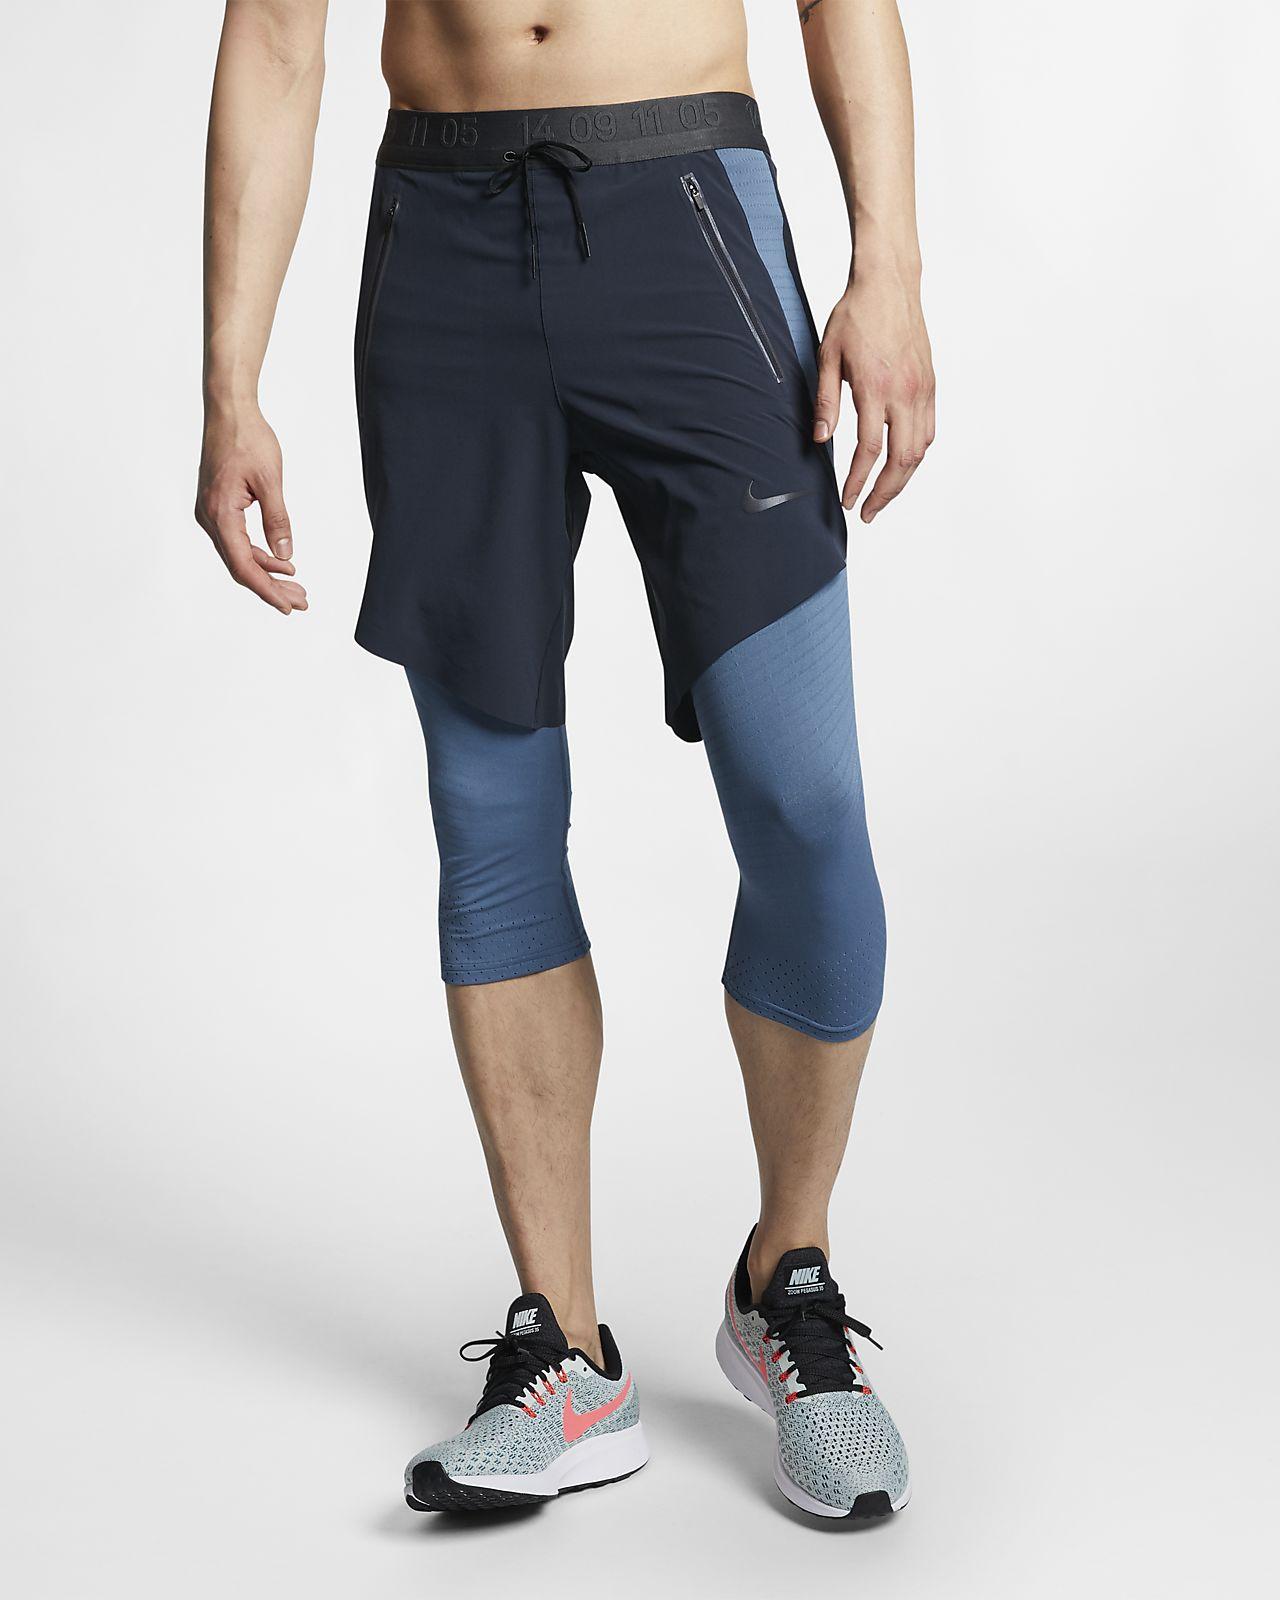 Ανδρικό παντελόνι 3/4 για τρέξιμο Nike Tech Pack